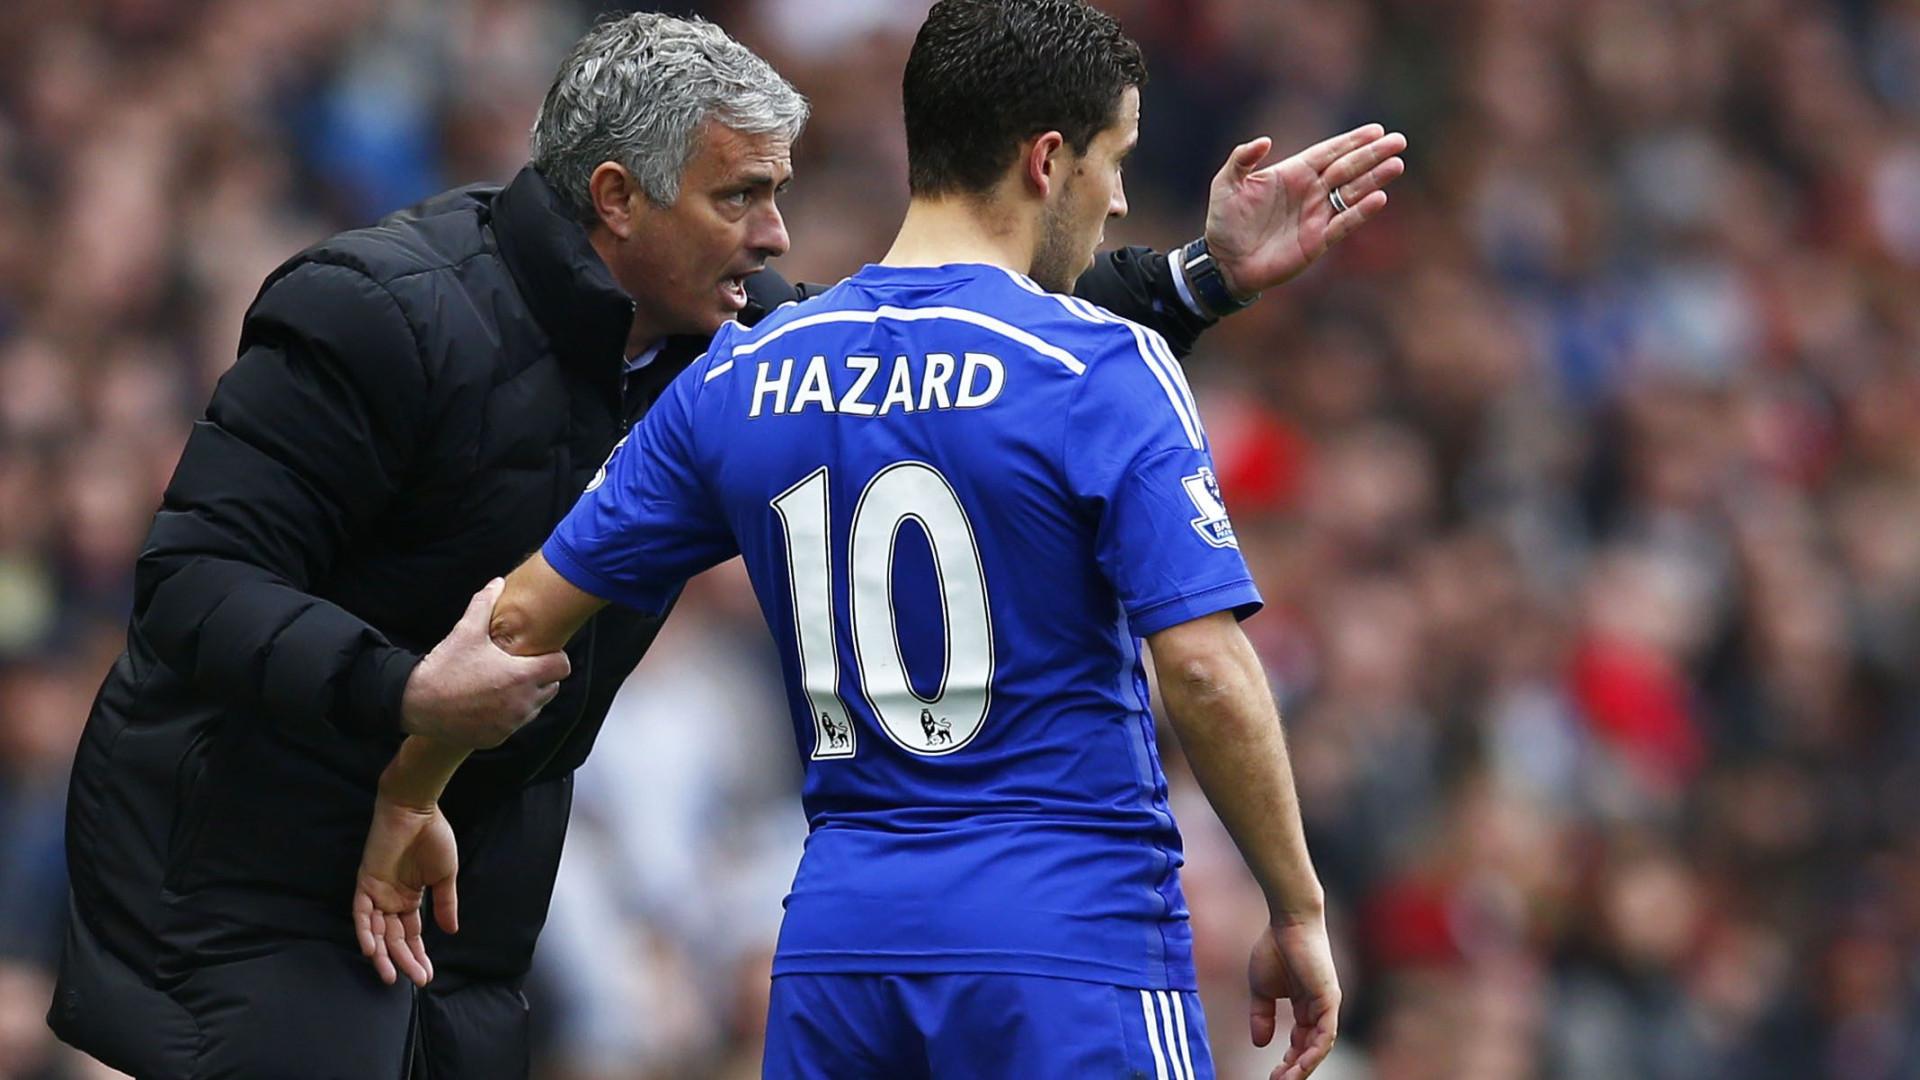 """Hazard abre jogo sobre Mourinho: """"Se os resultados são maus, ele critica"""""""